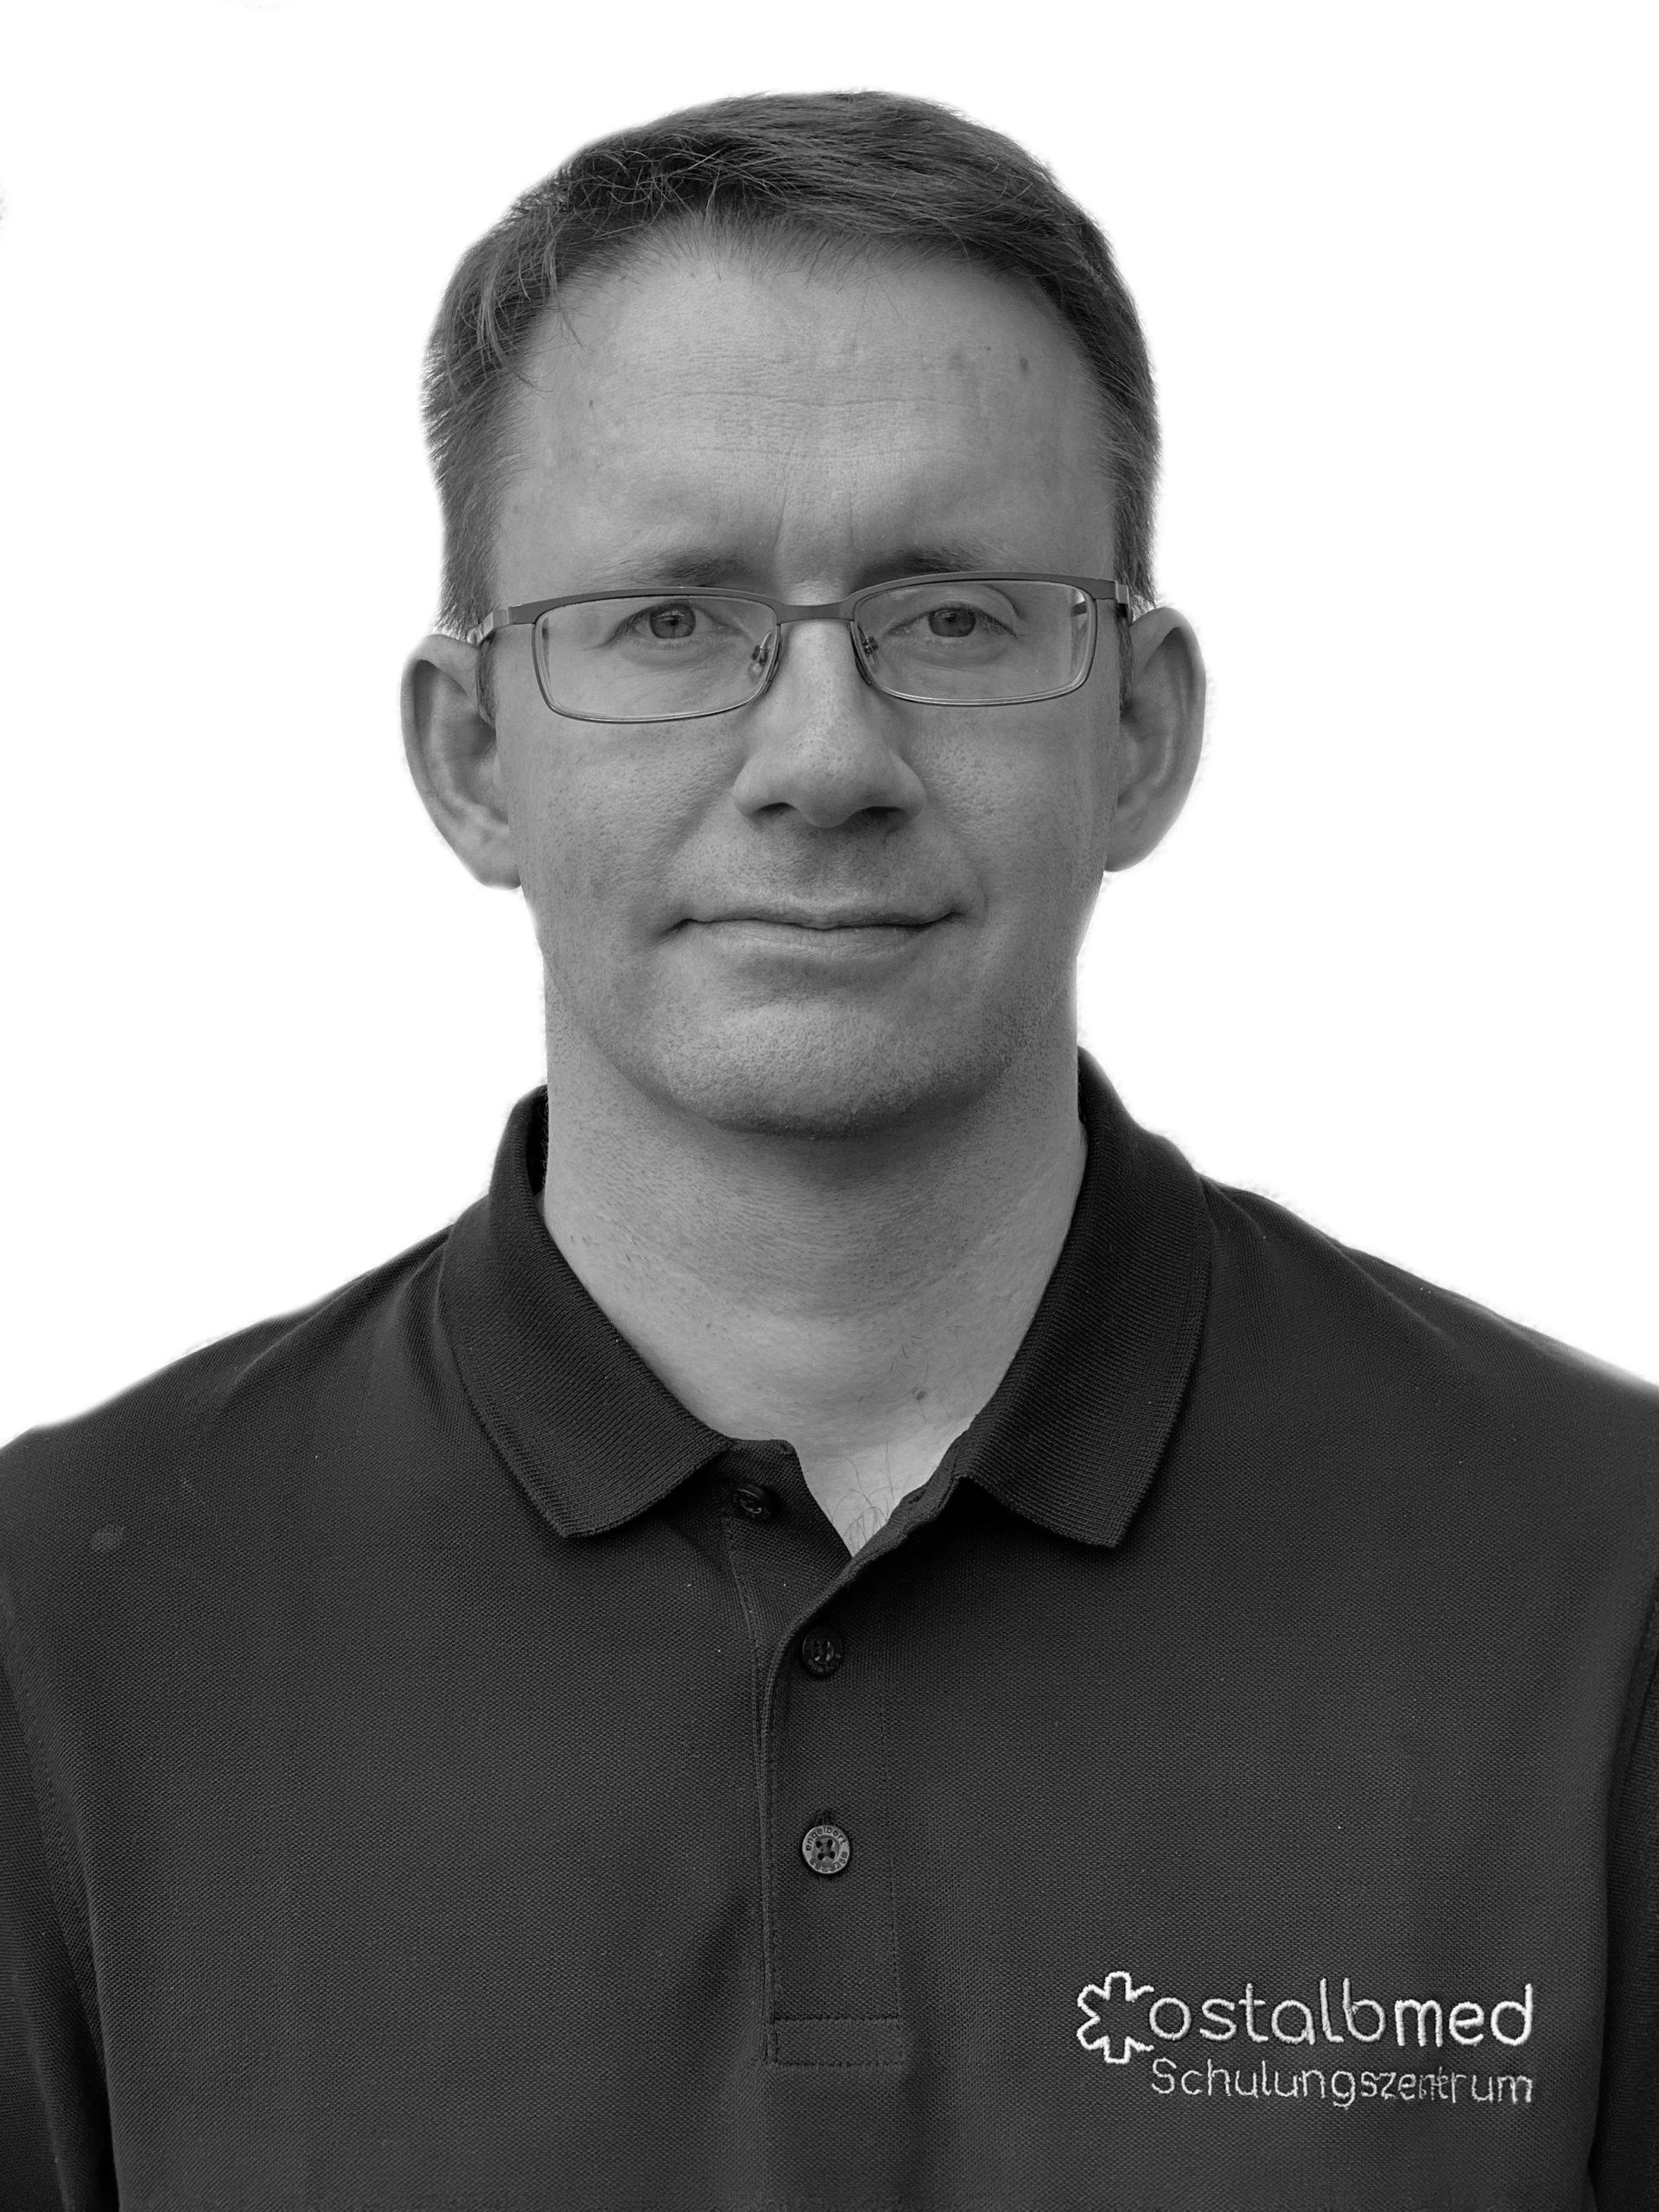 Jochen Schittenhelm